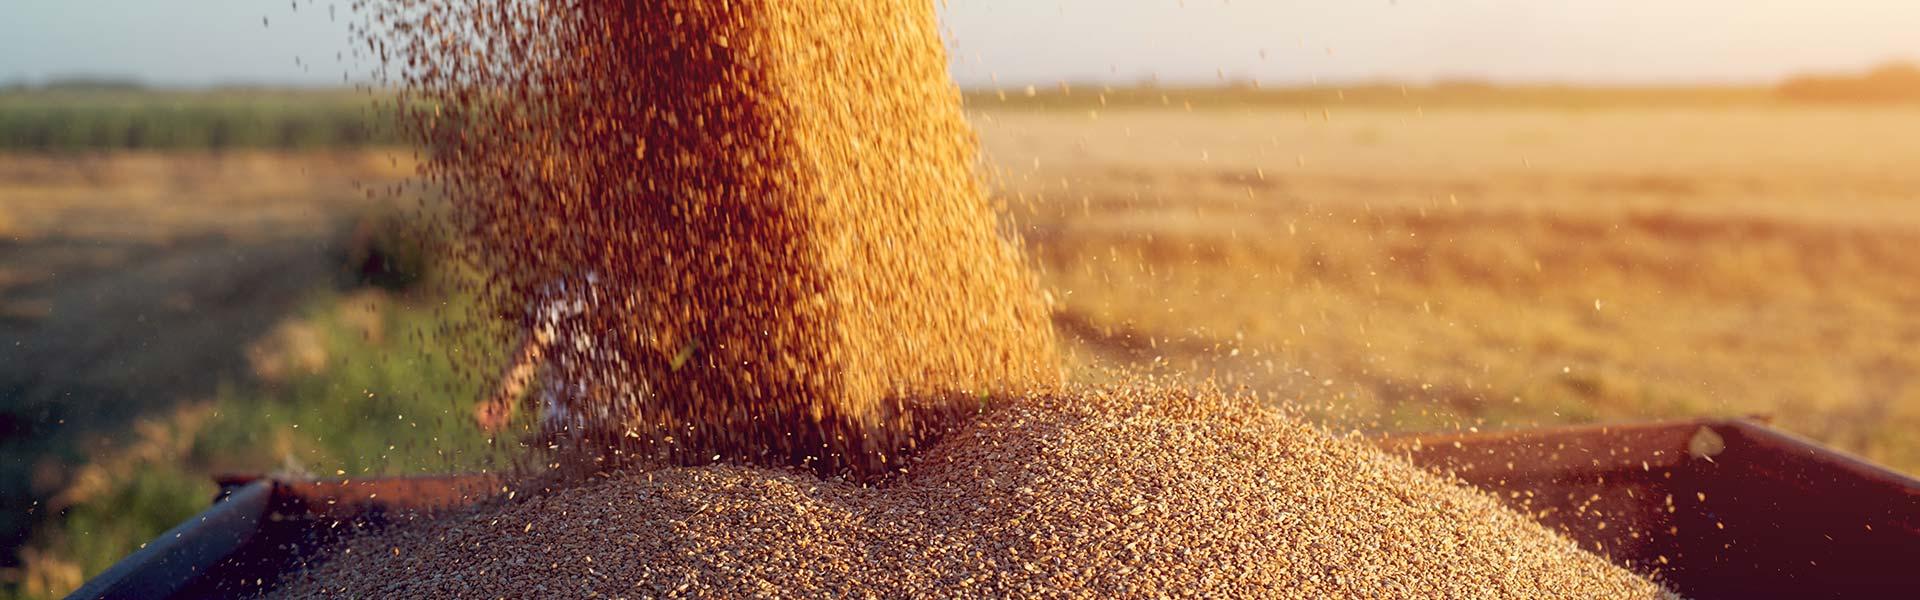 Урахування специфіки сільського господарства України